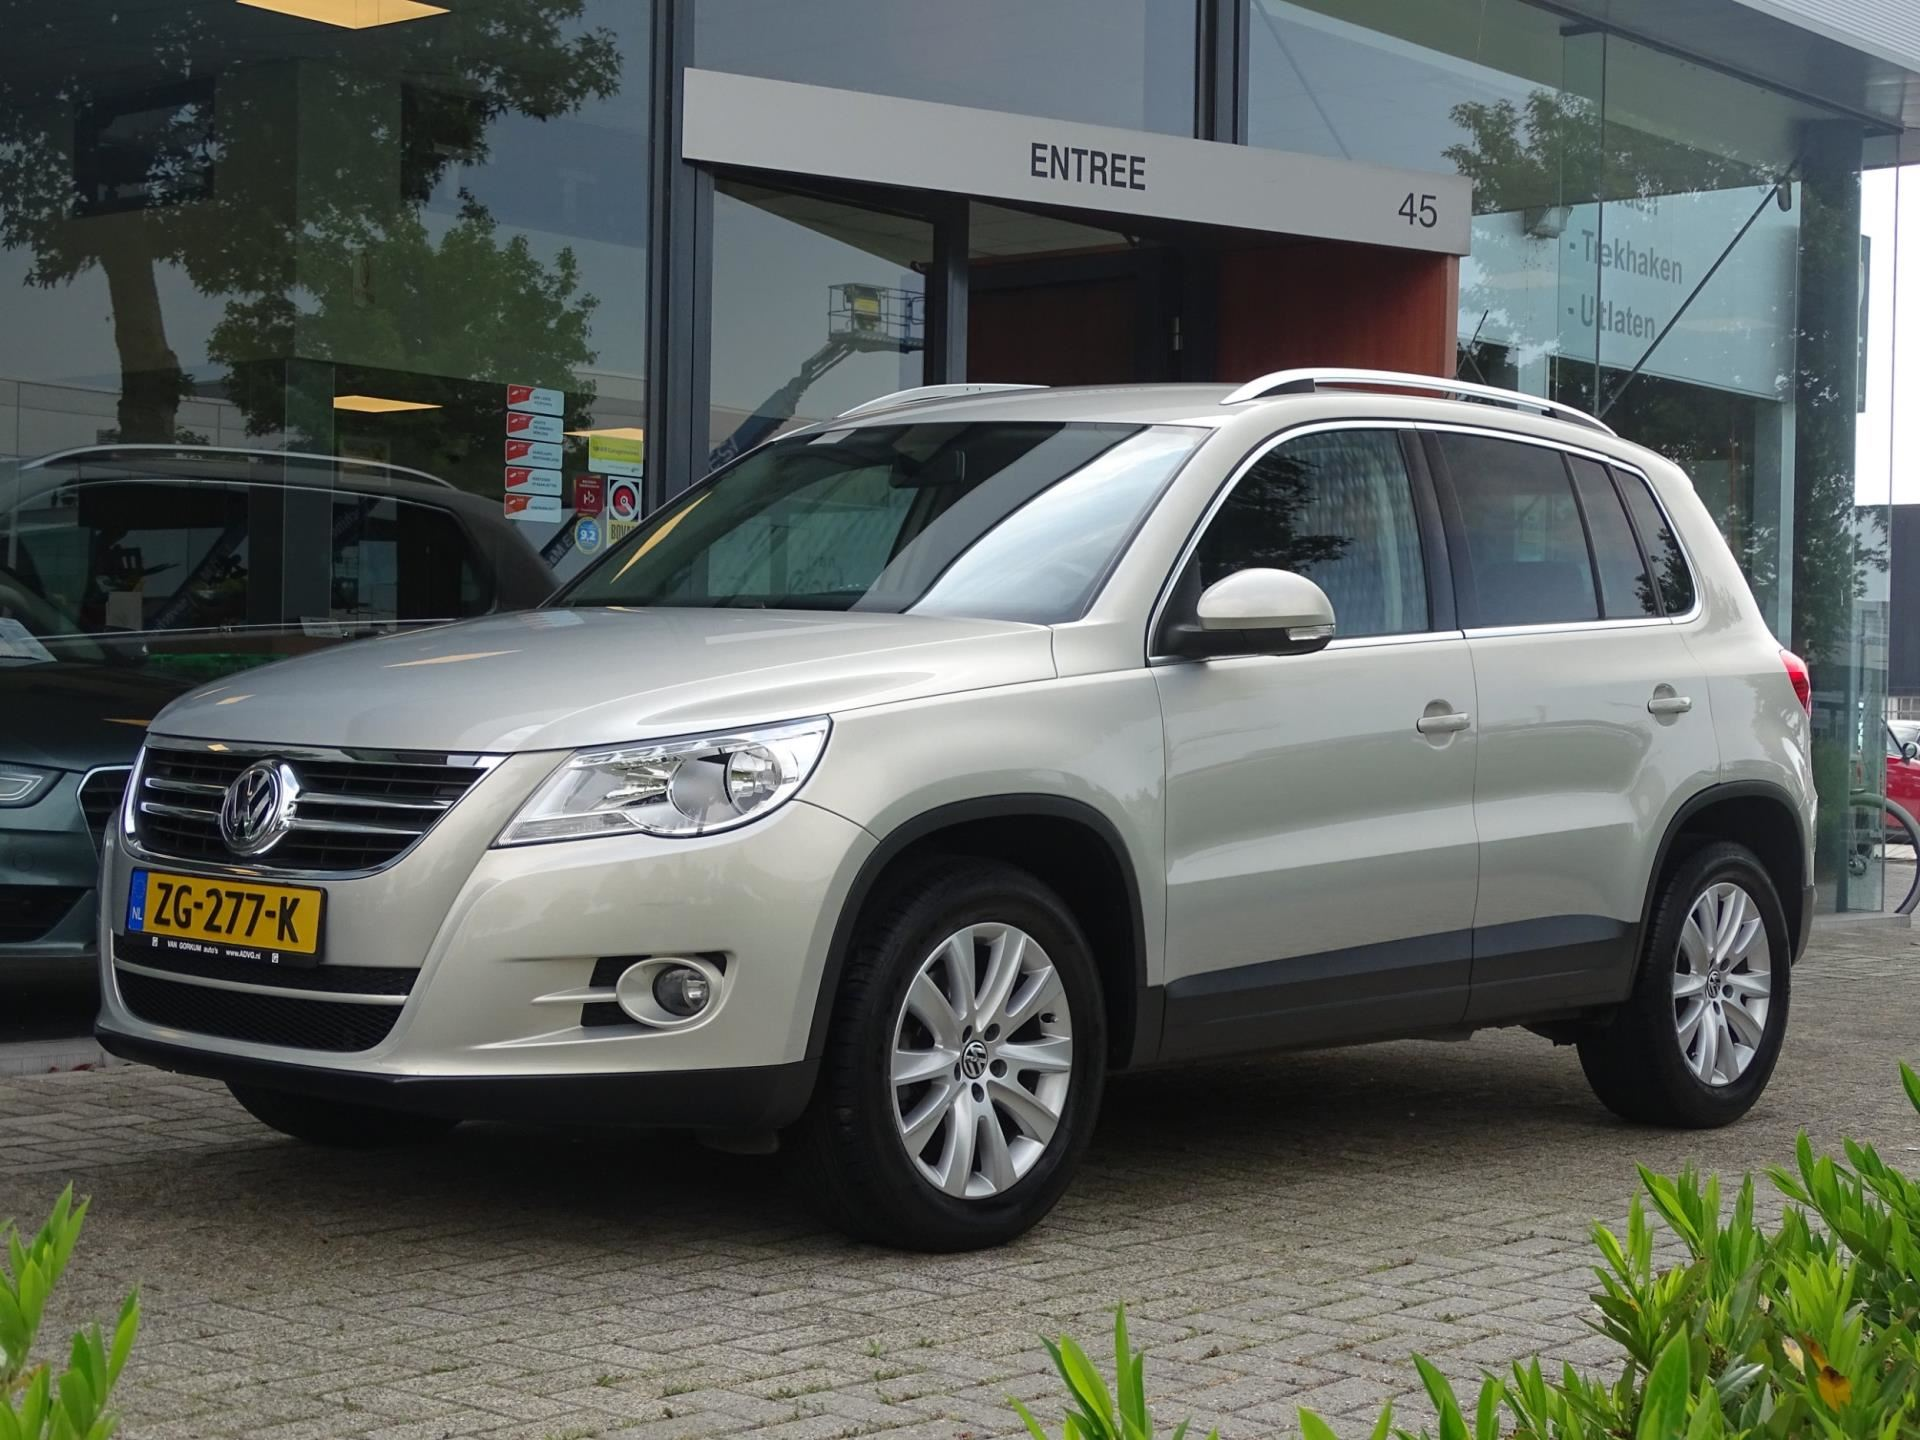 Volkswagen Tiguan occasion - Autobedrijf van Gorkum